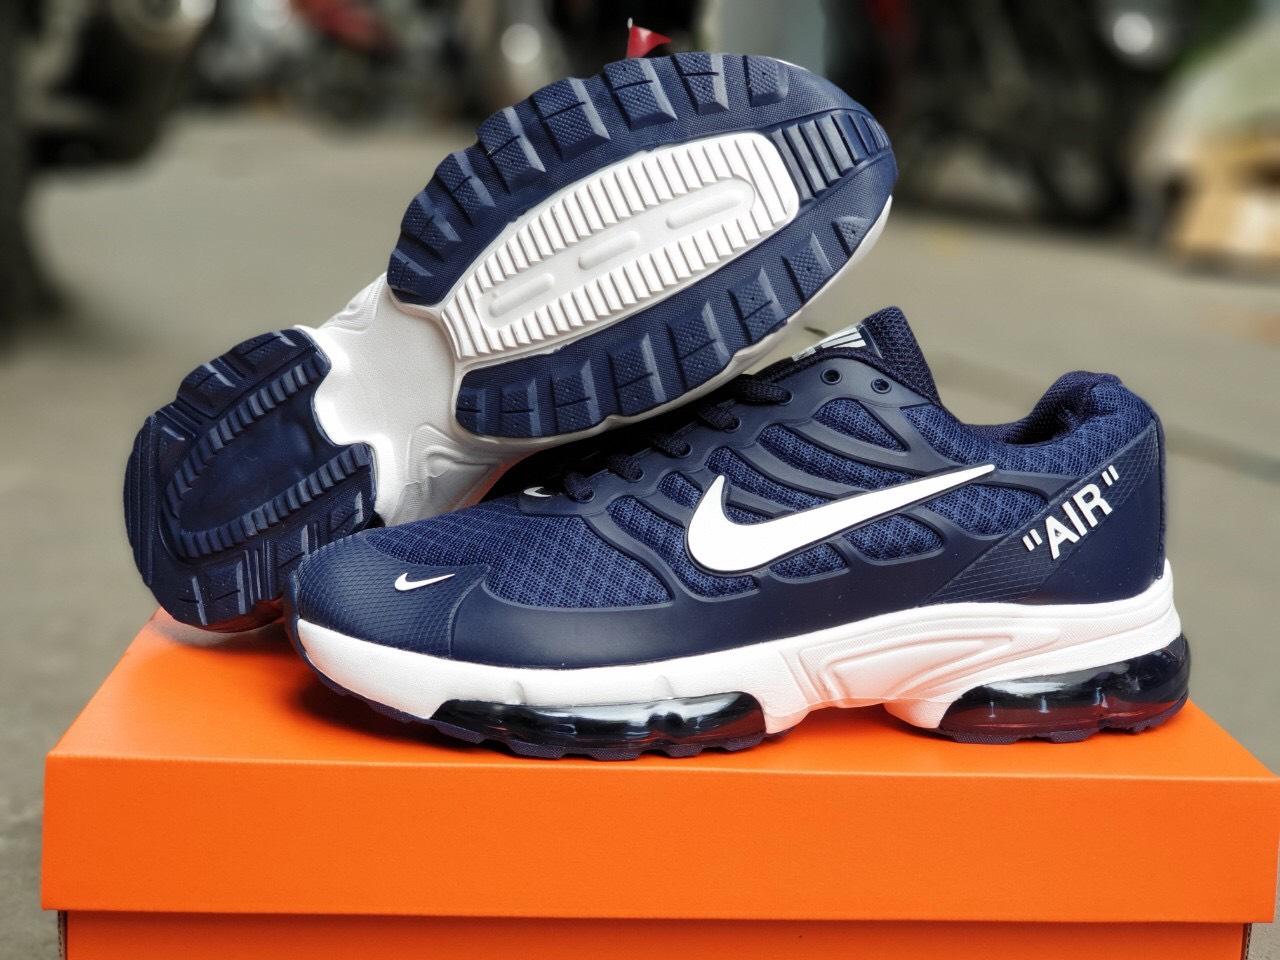 Giày Nike Air Nam F16 màu xanh